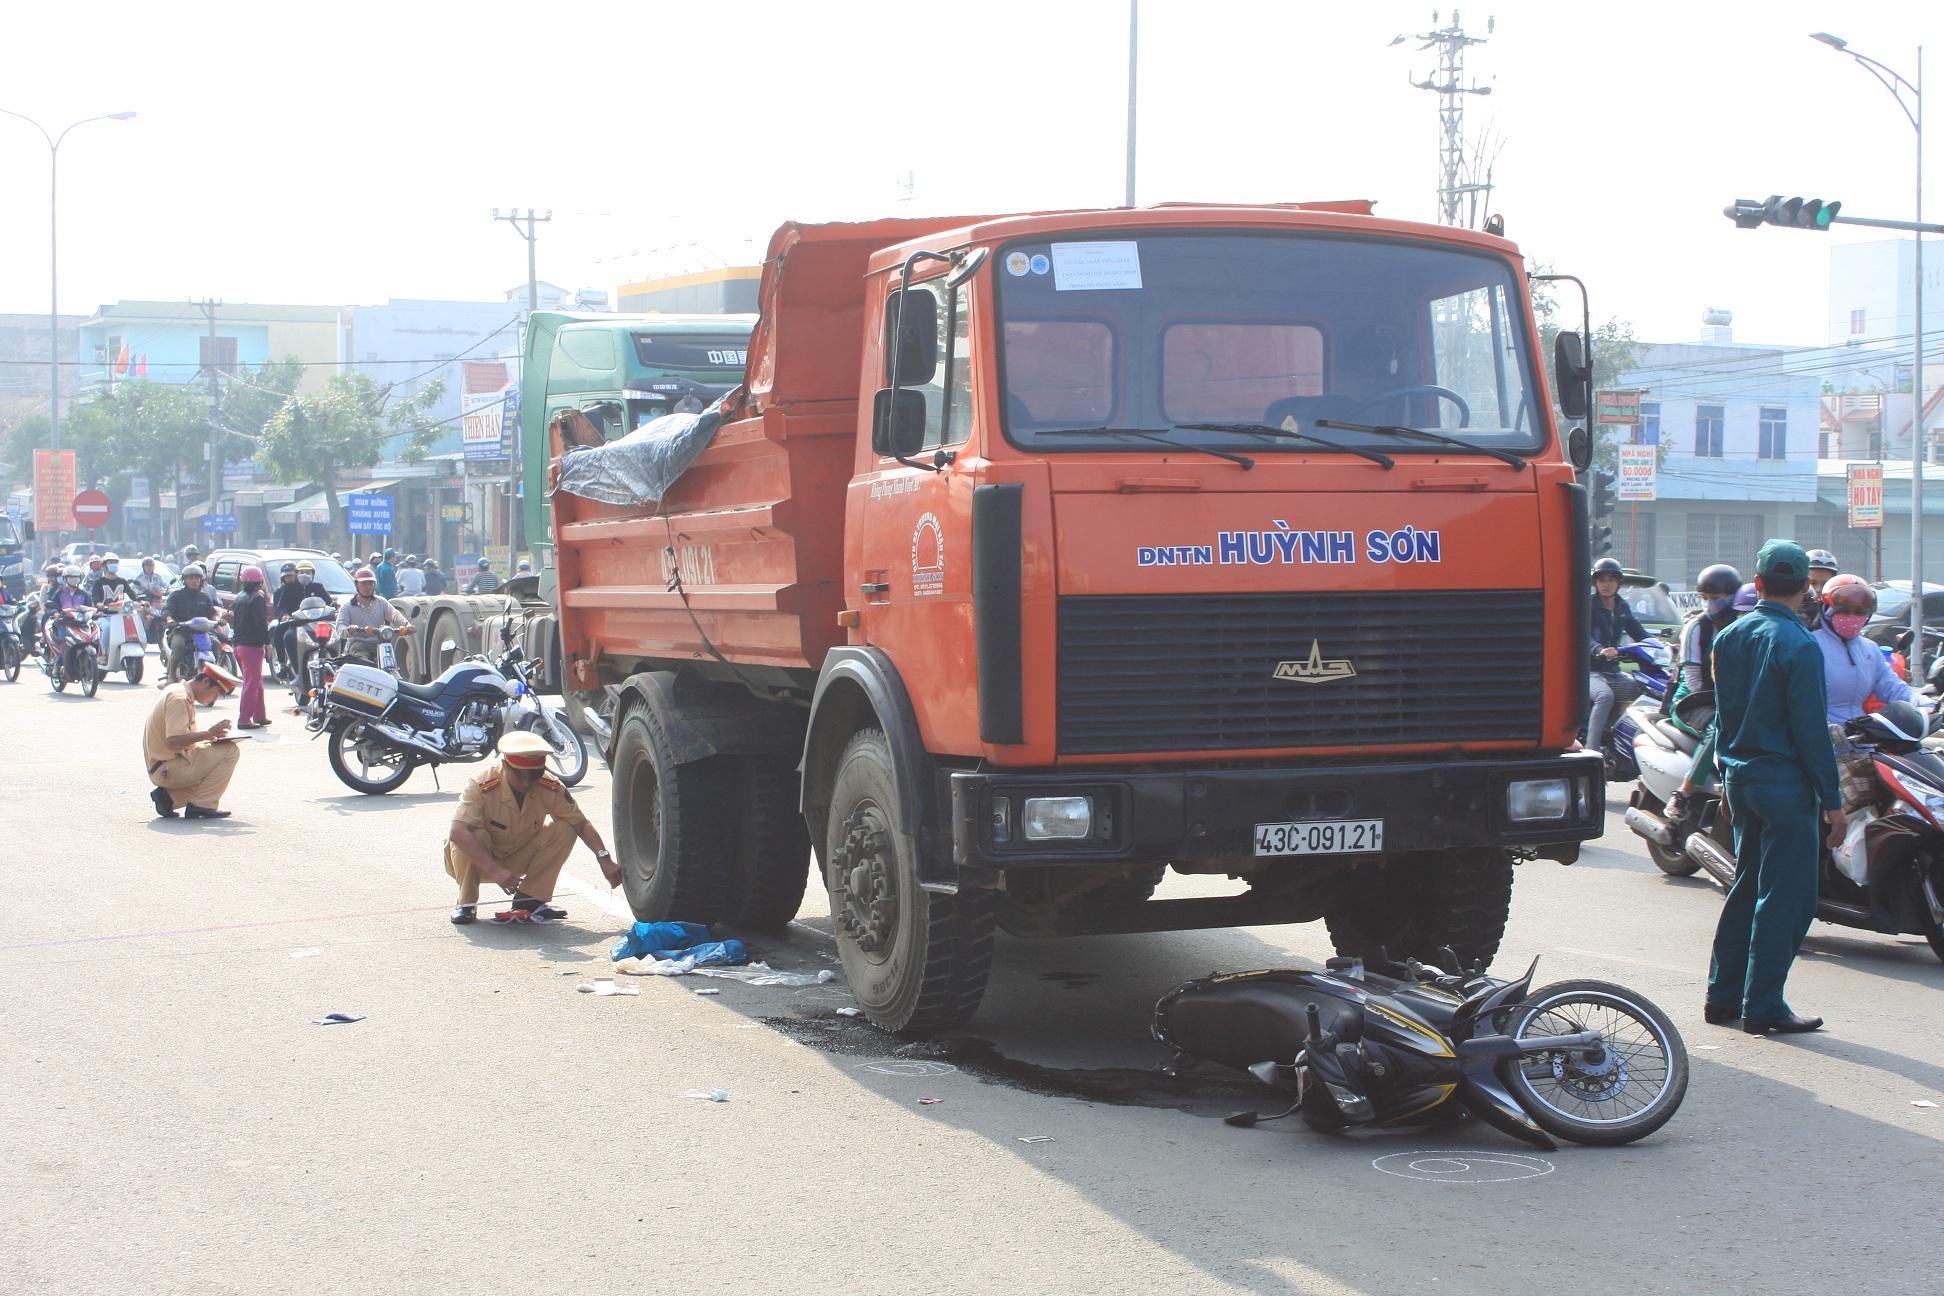 Xe ben từng được xem như hung thần trên đường phố Đà Nẵng khi loại phương tiện này liên tiếp gây tai nạn chết người.